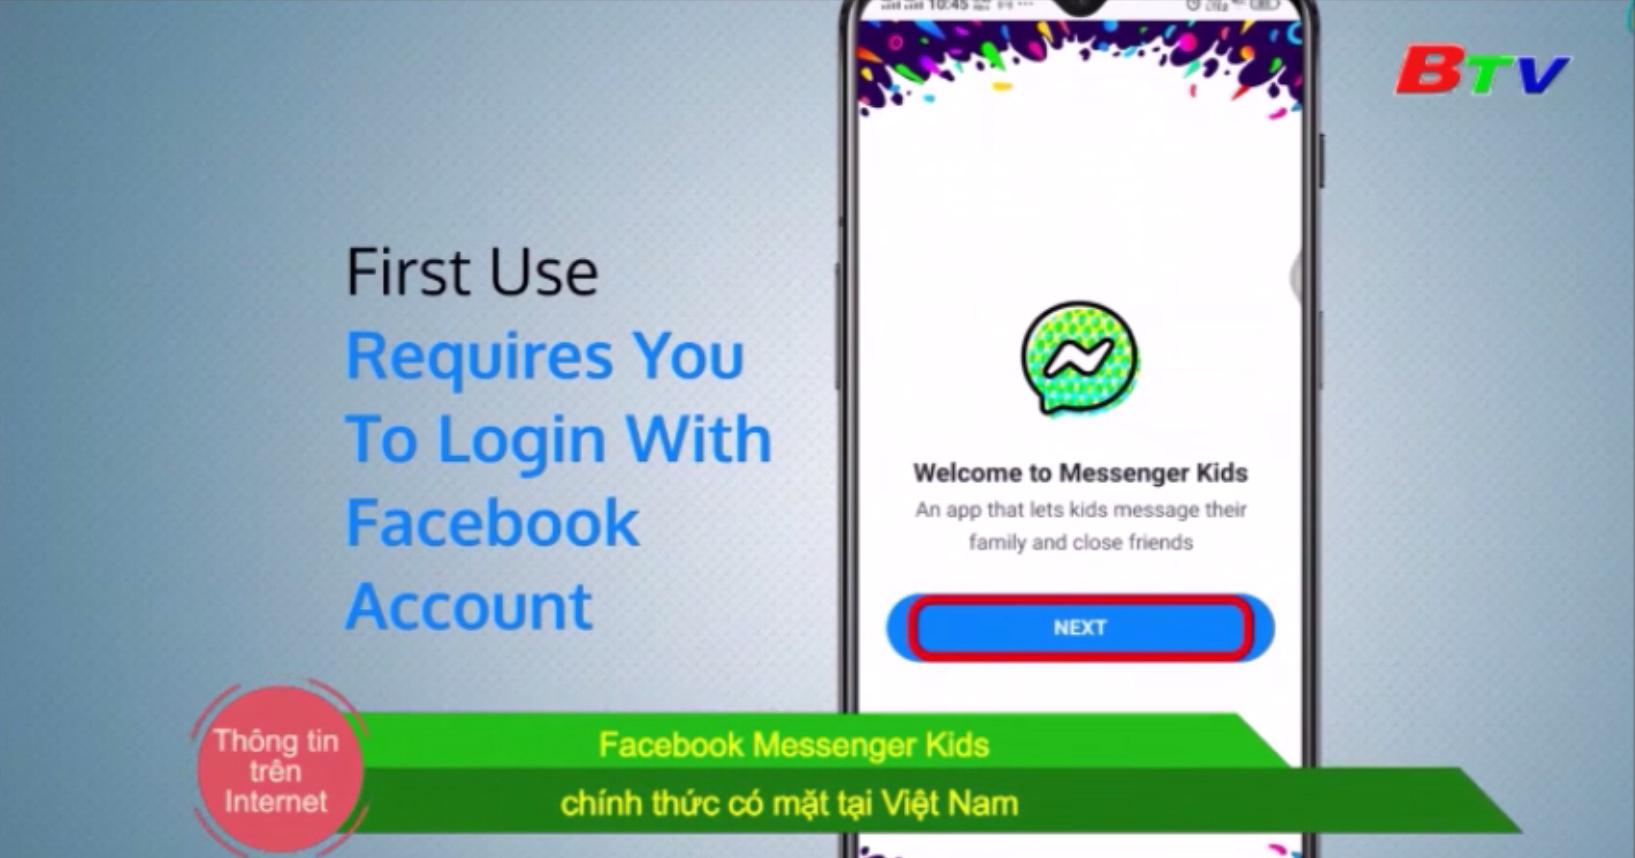 Facebook Messenger Kids chính thức có mặt tại Việt Nam